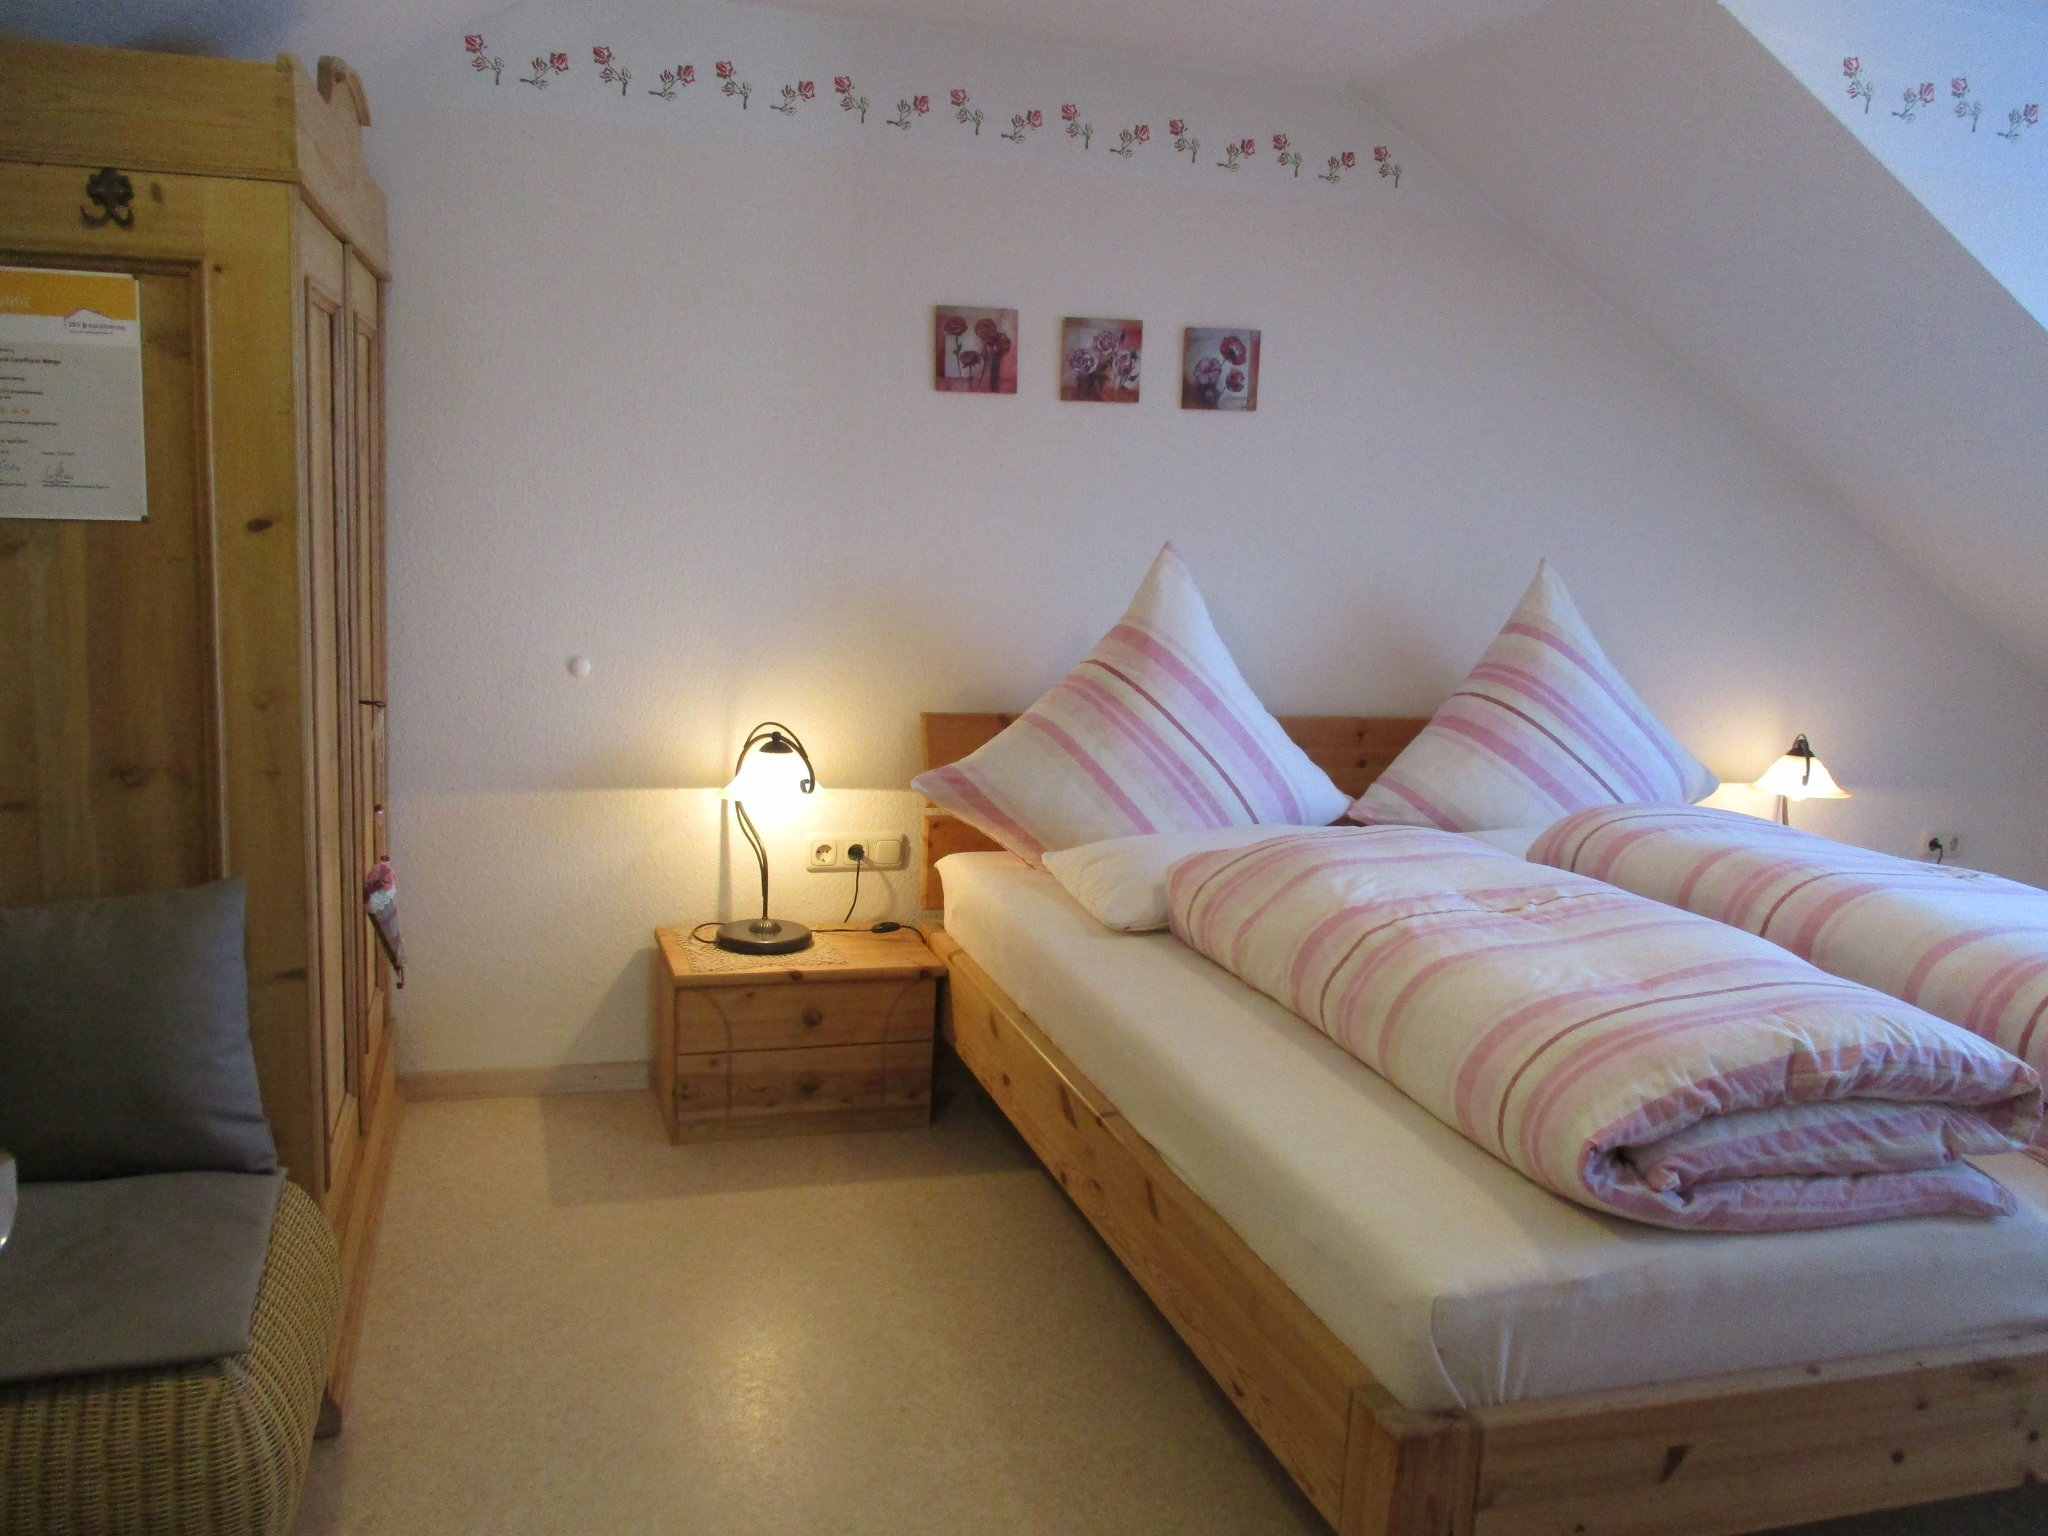 Doppelschlafzimmer 180x200 Stereoanl./TV